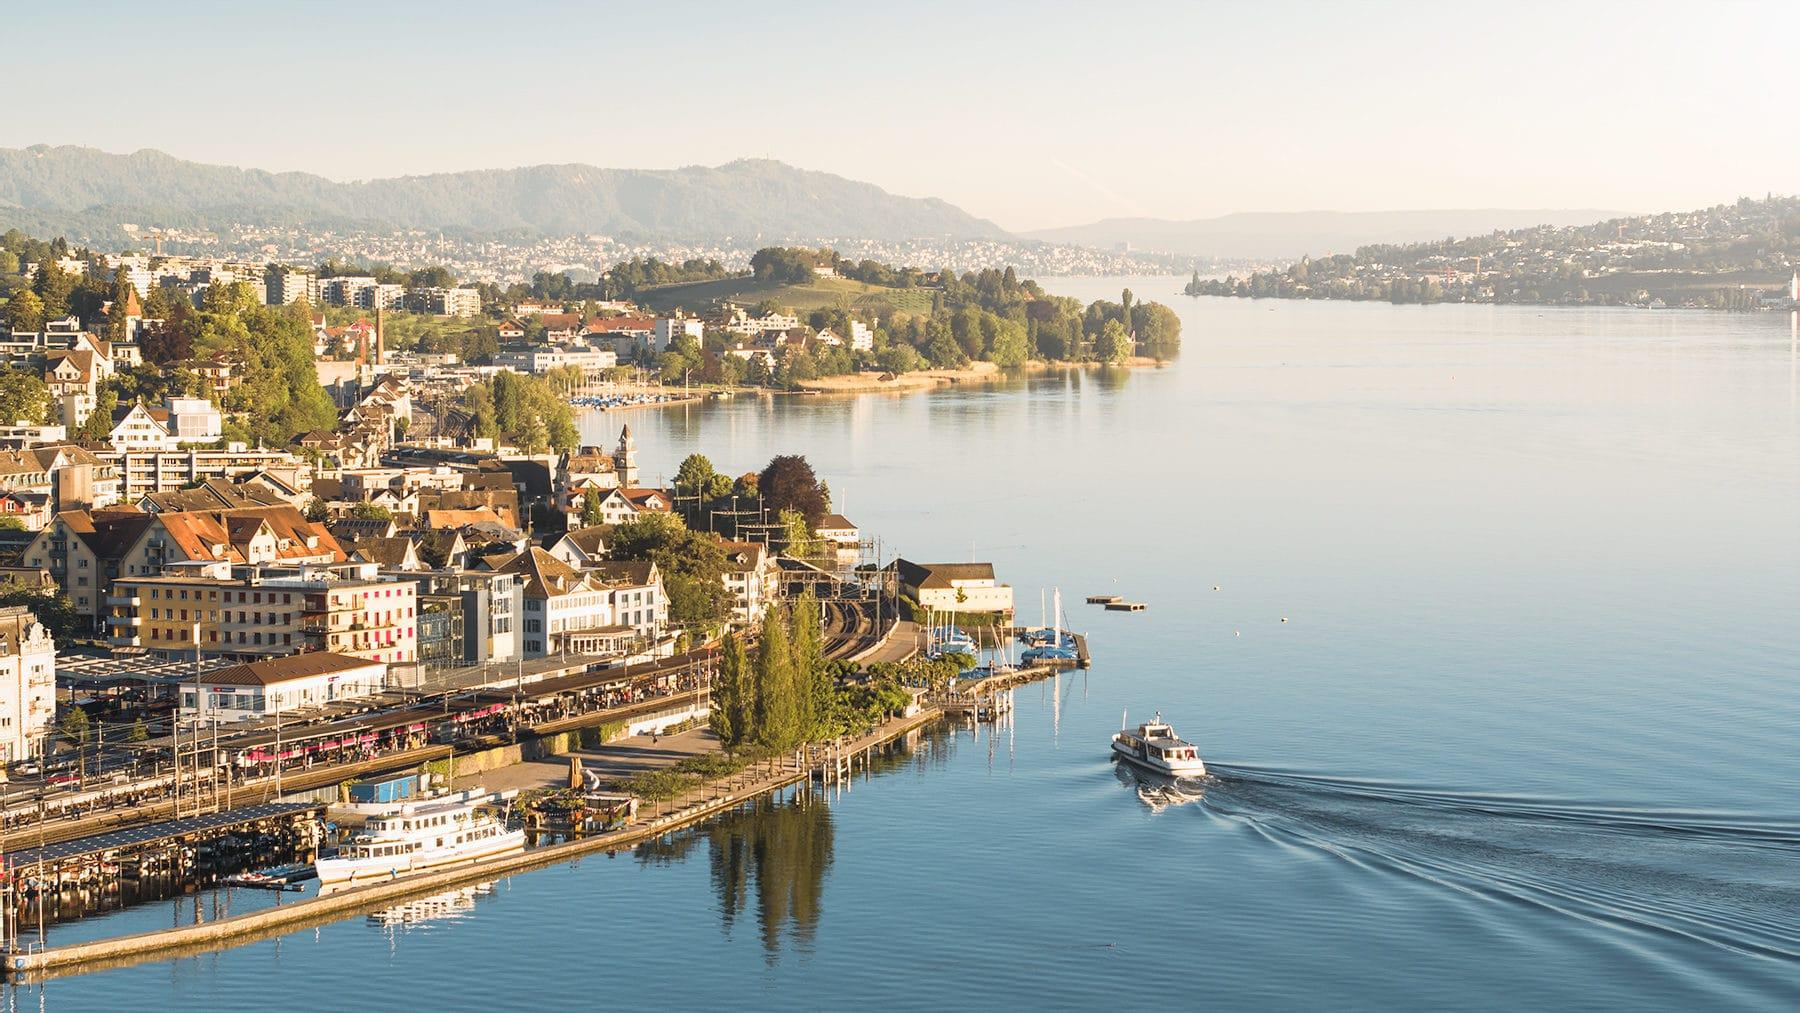 Luftaufnahme - Wädenswil, Bahnhof, Hafen mit Blick nach Zürich